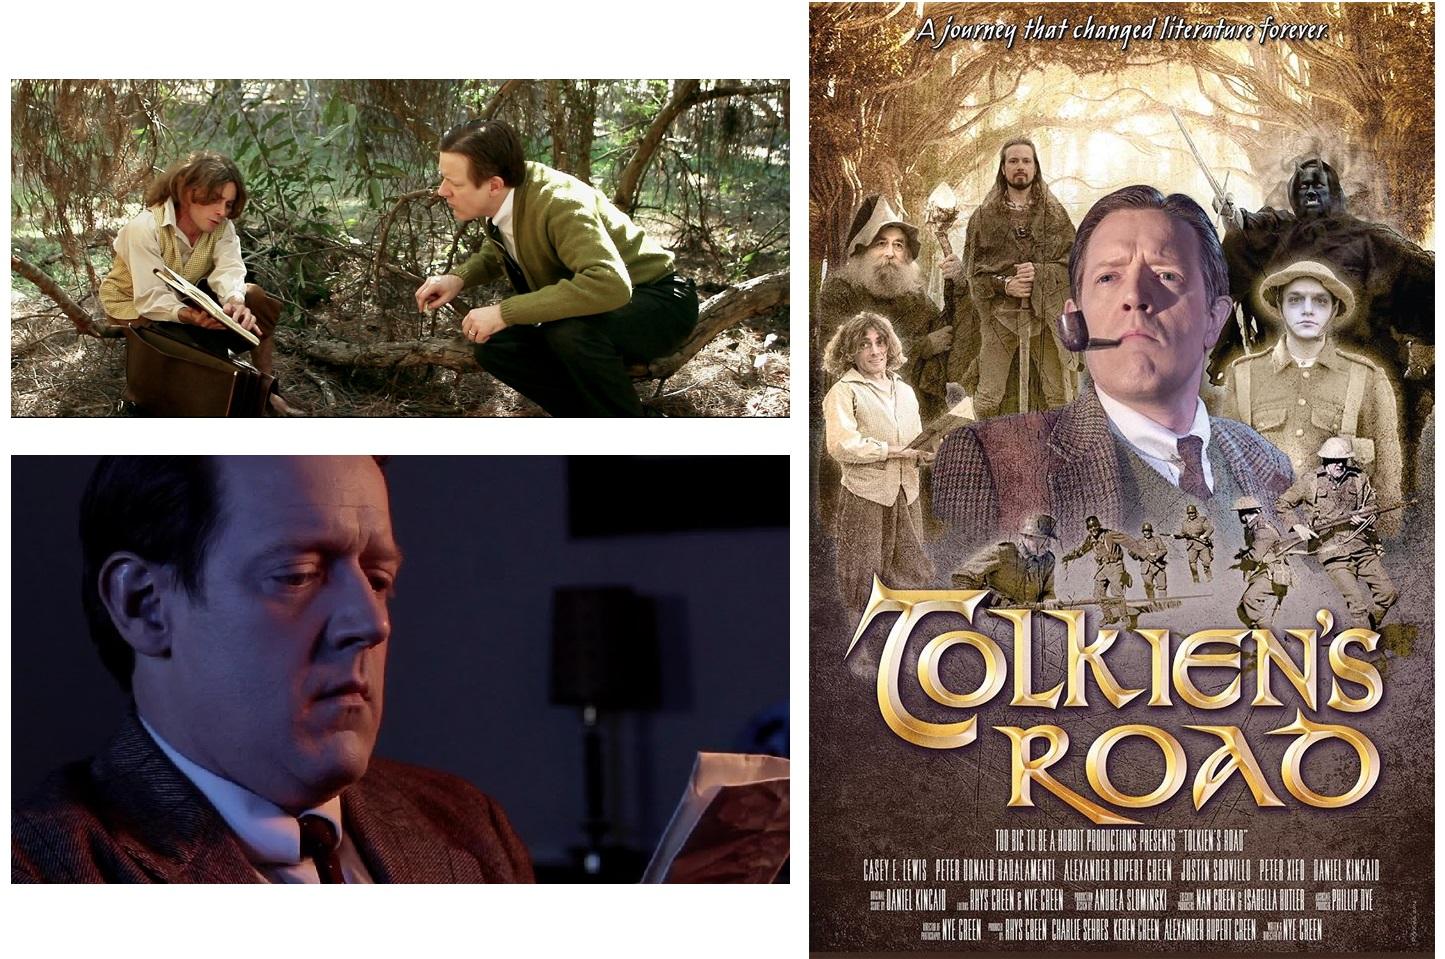 TolkiensRoad